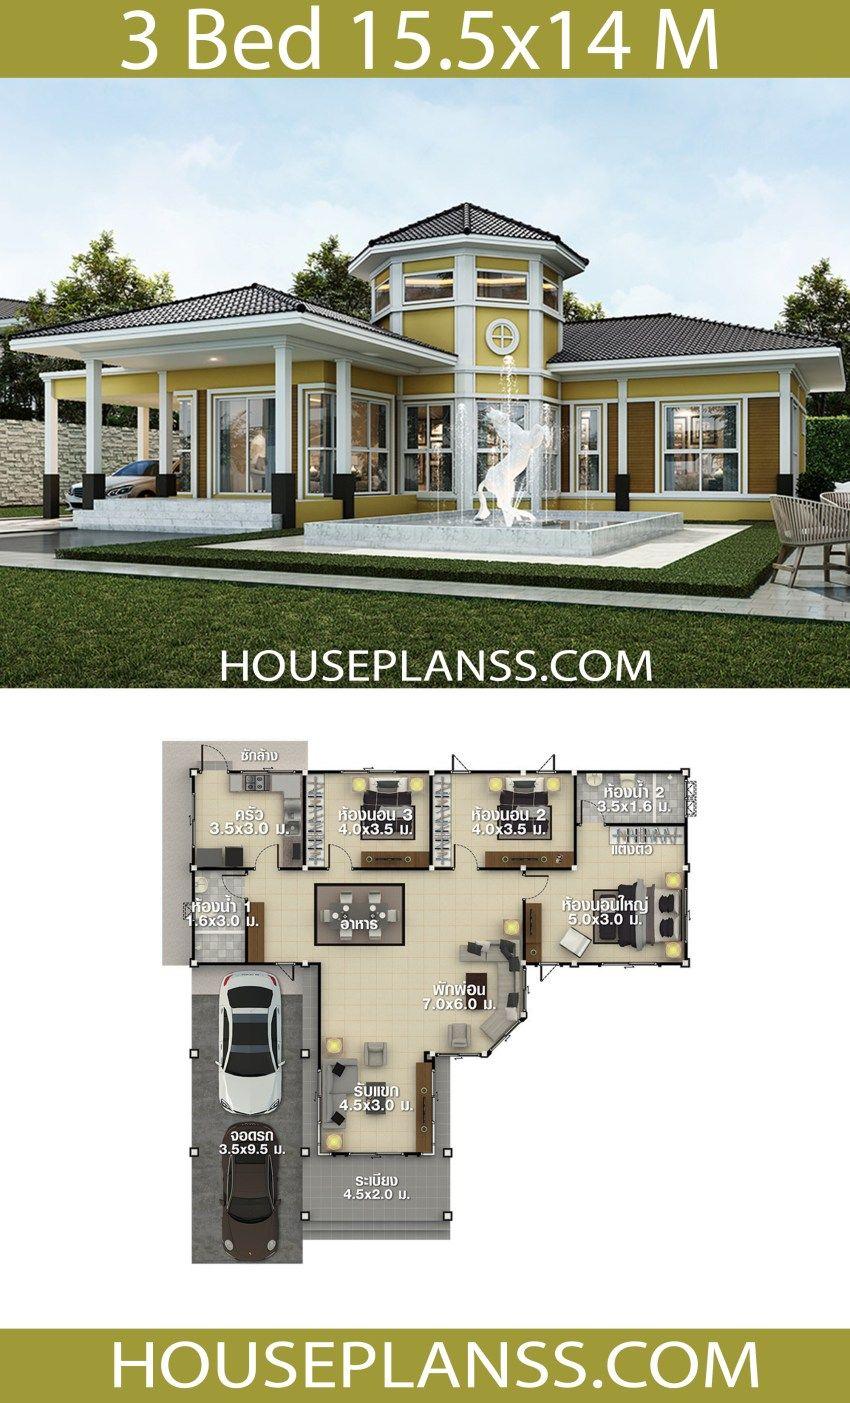 House Plans Idea 15 5x14 With 3 Bedrooms House Plans 3d House Construction Plan House Design Duplex House Design